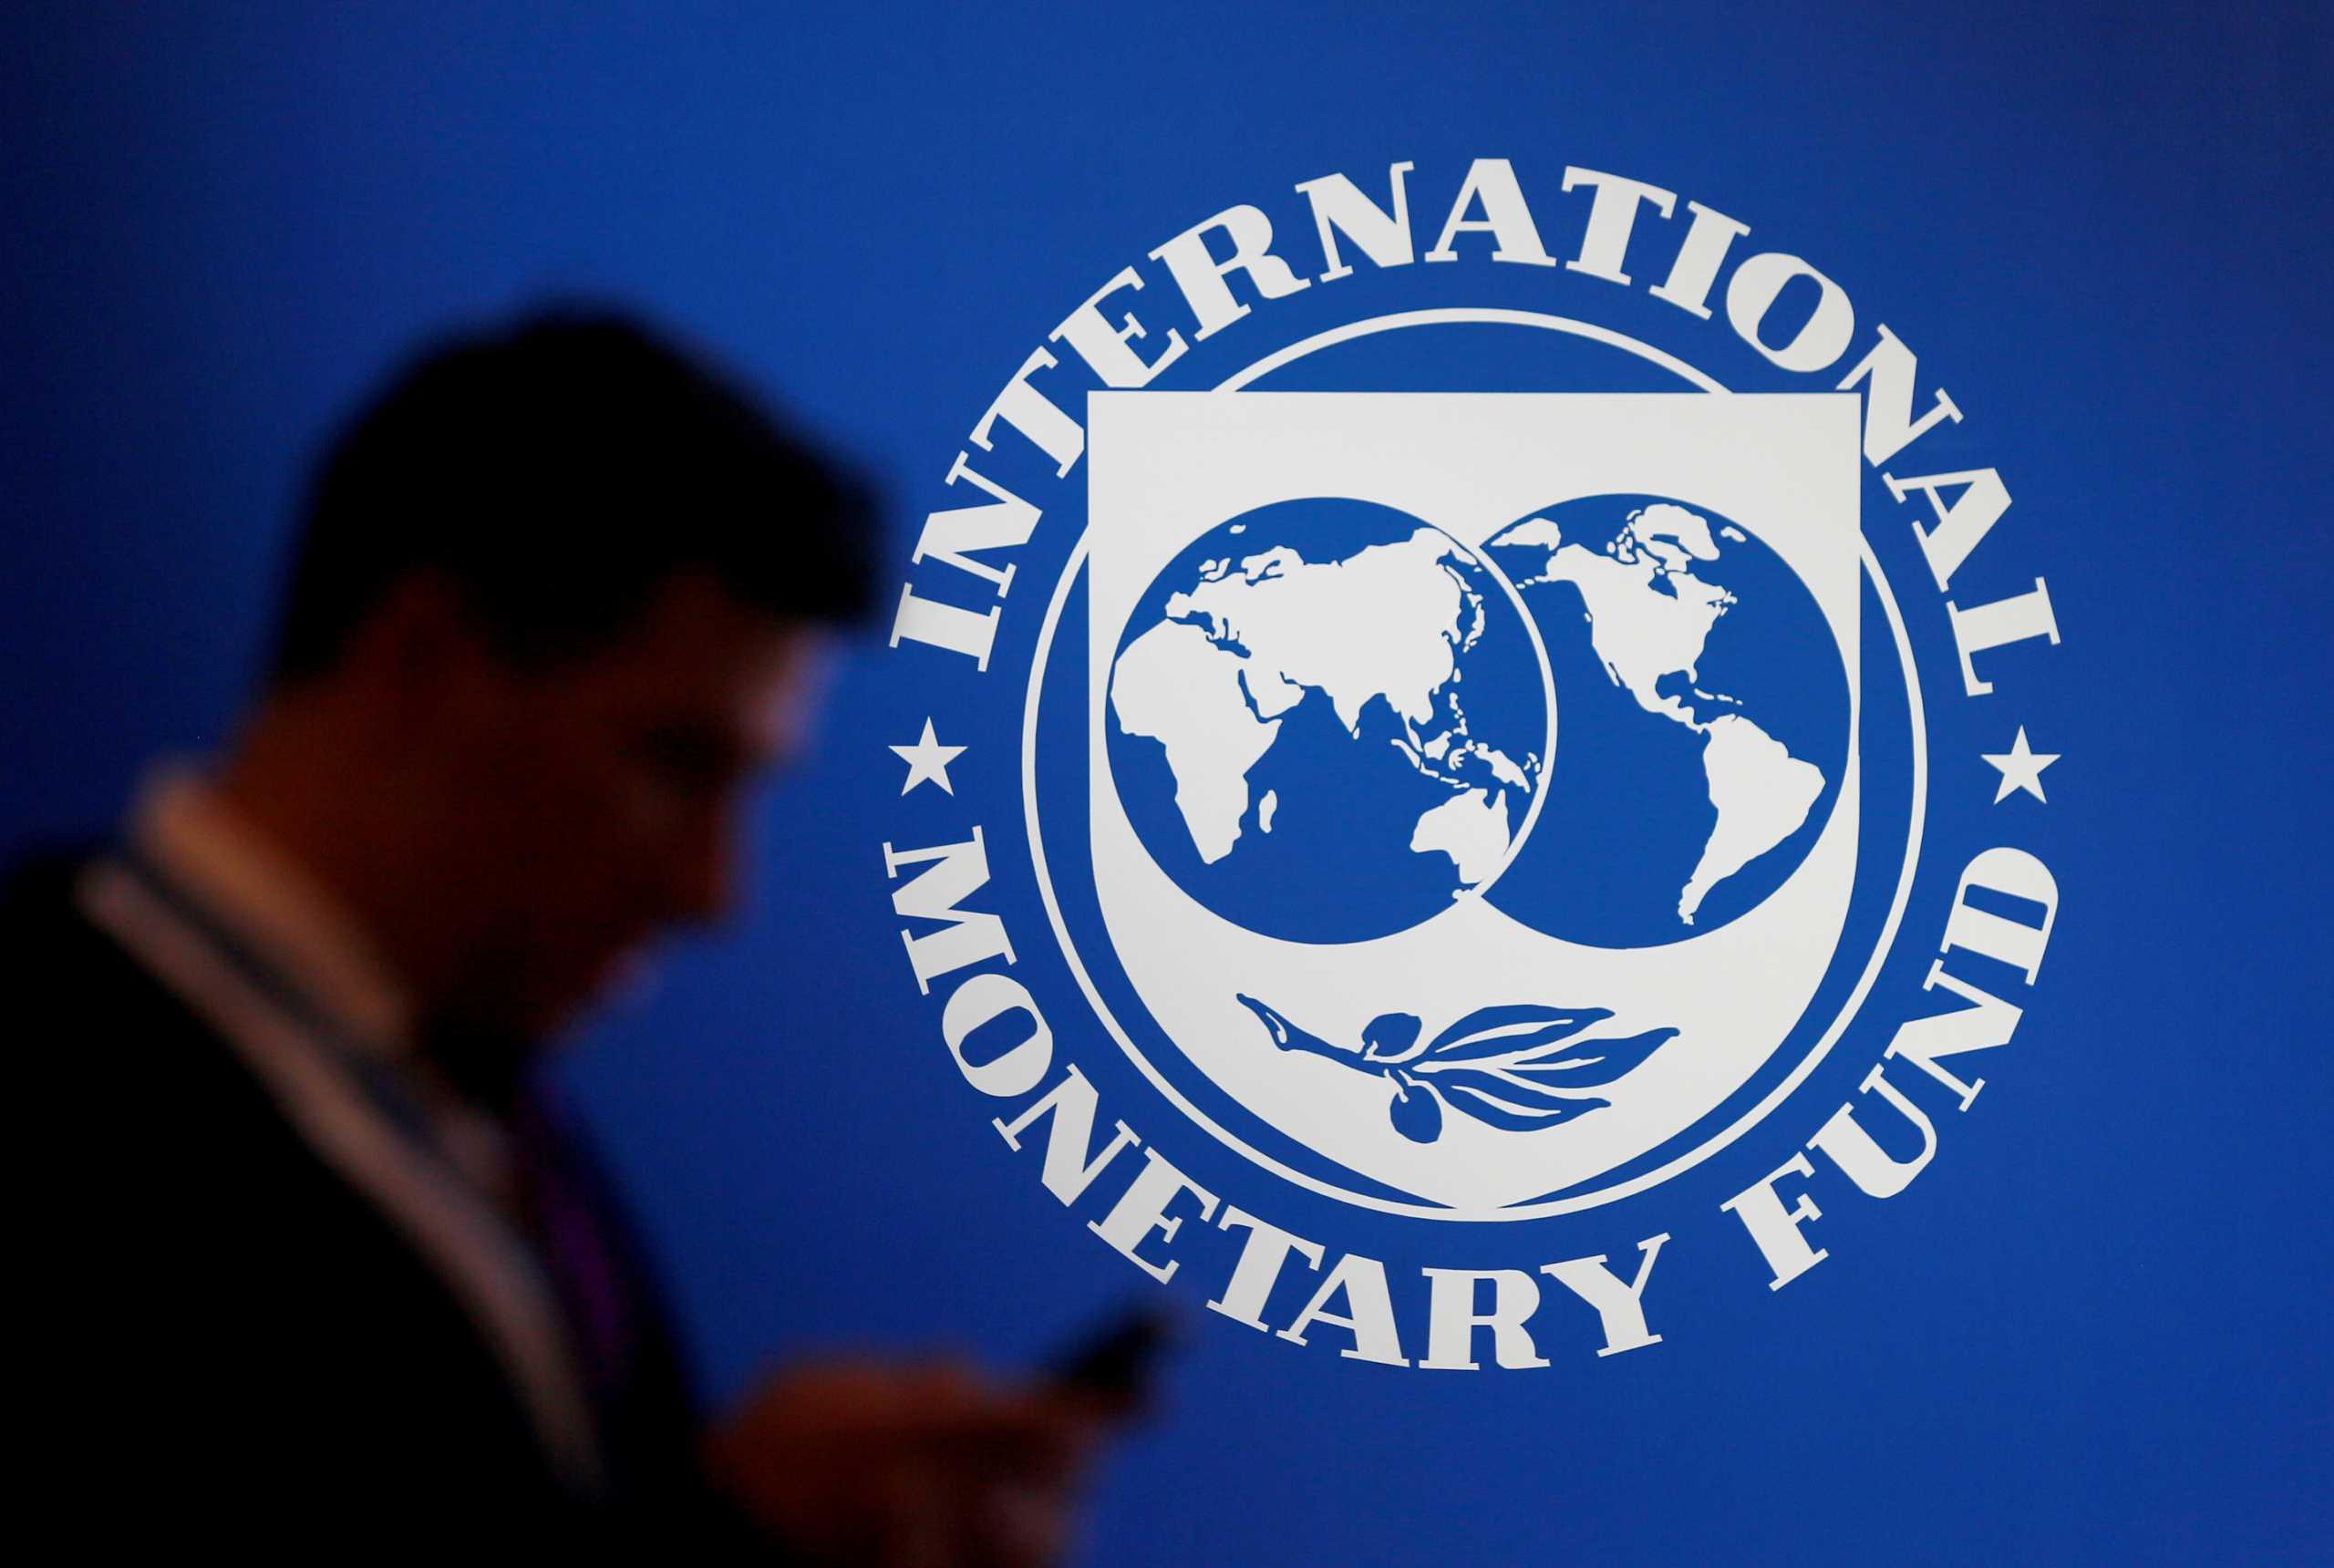 ΔΝΤ: Αναγκαία η πρόσθετη δημοσιονομική στήριξη από την Ευρωζώνη το 2021-2022